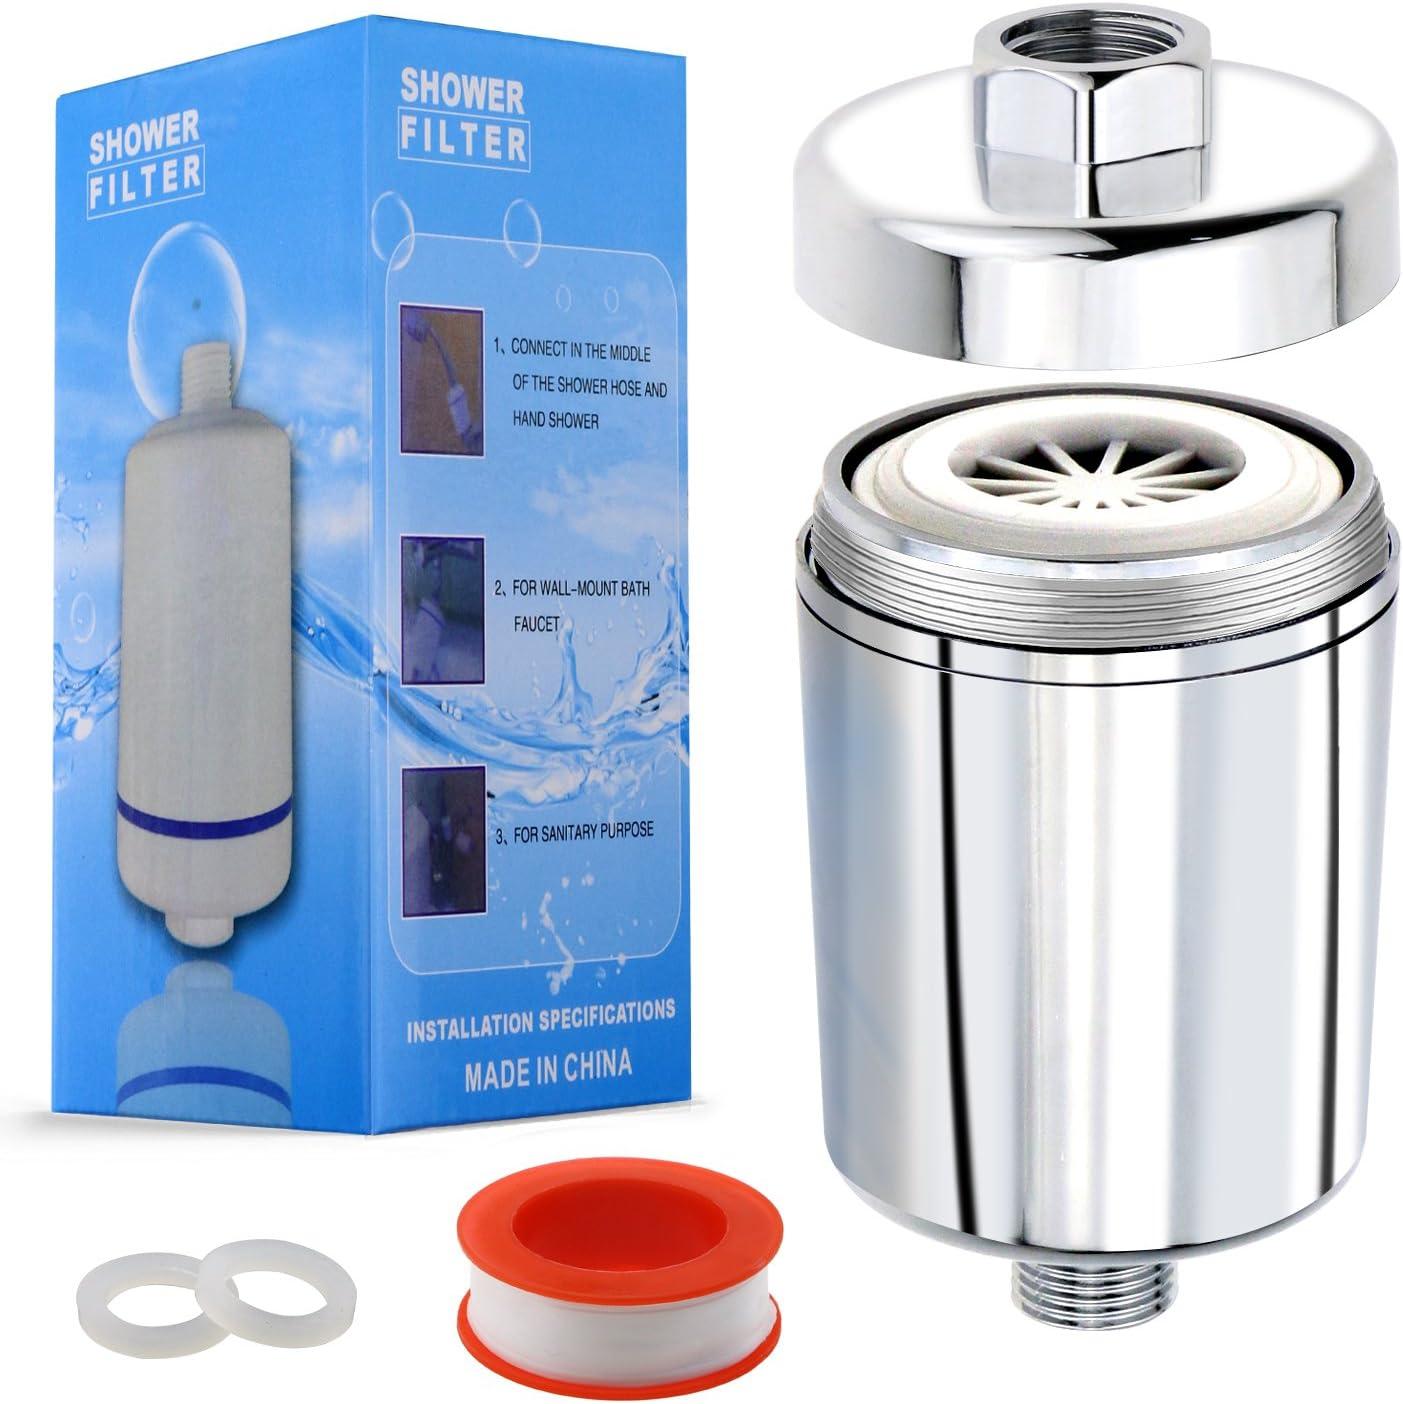 Onme ducha filtro, filtro de agua ducha Universal con 5 paso ...